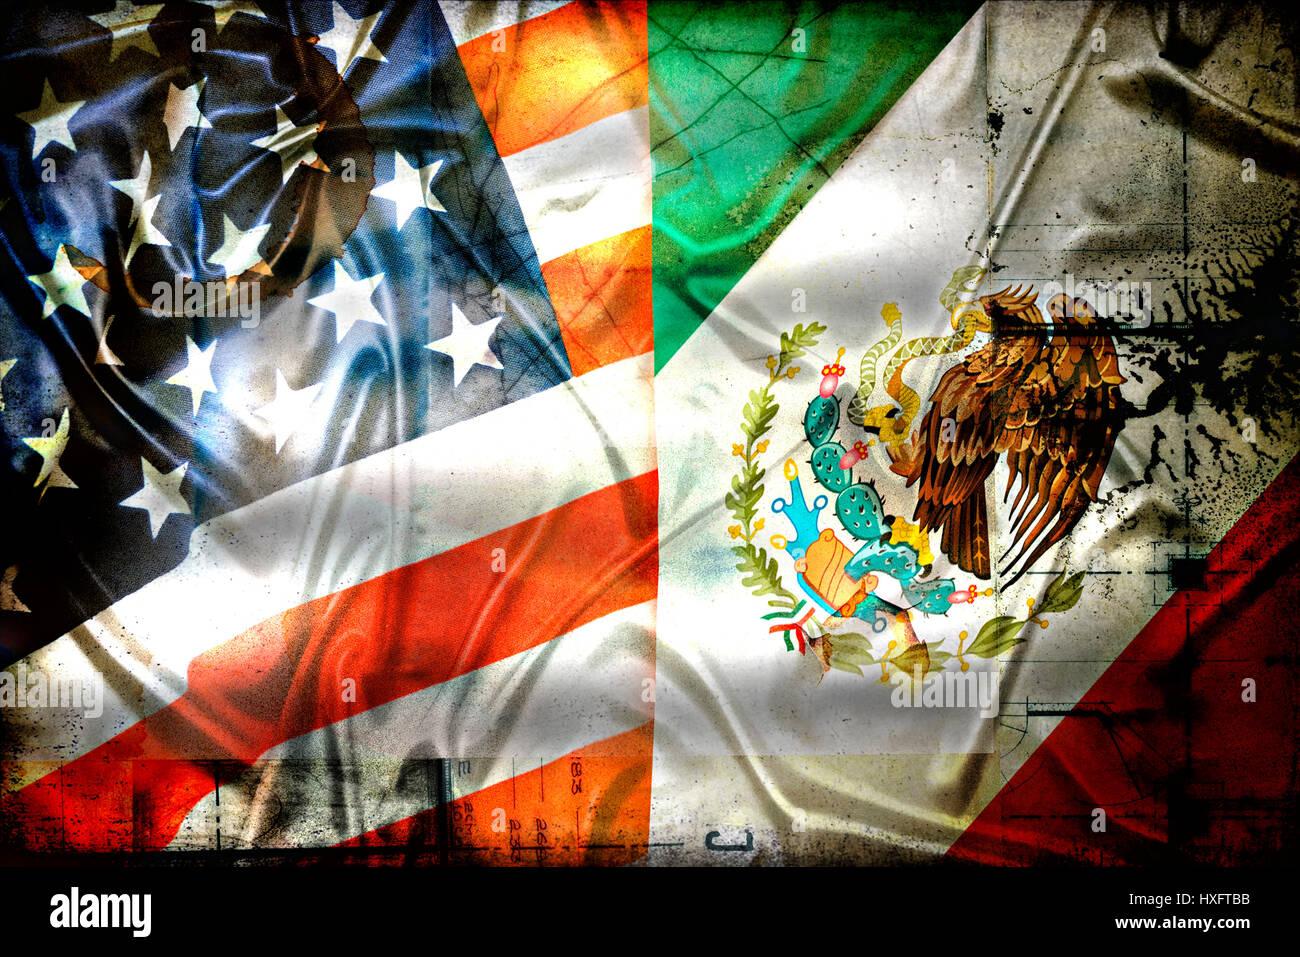 Flags of the USA and Mexico, Fahnen von den USA und Mexiko - Stock Image